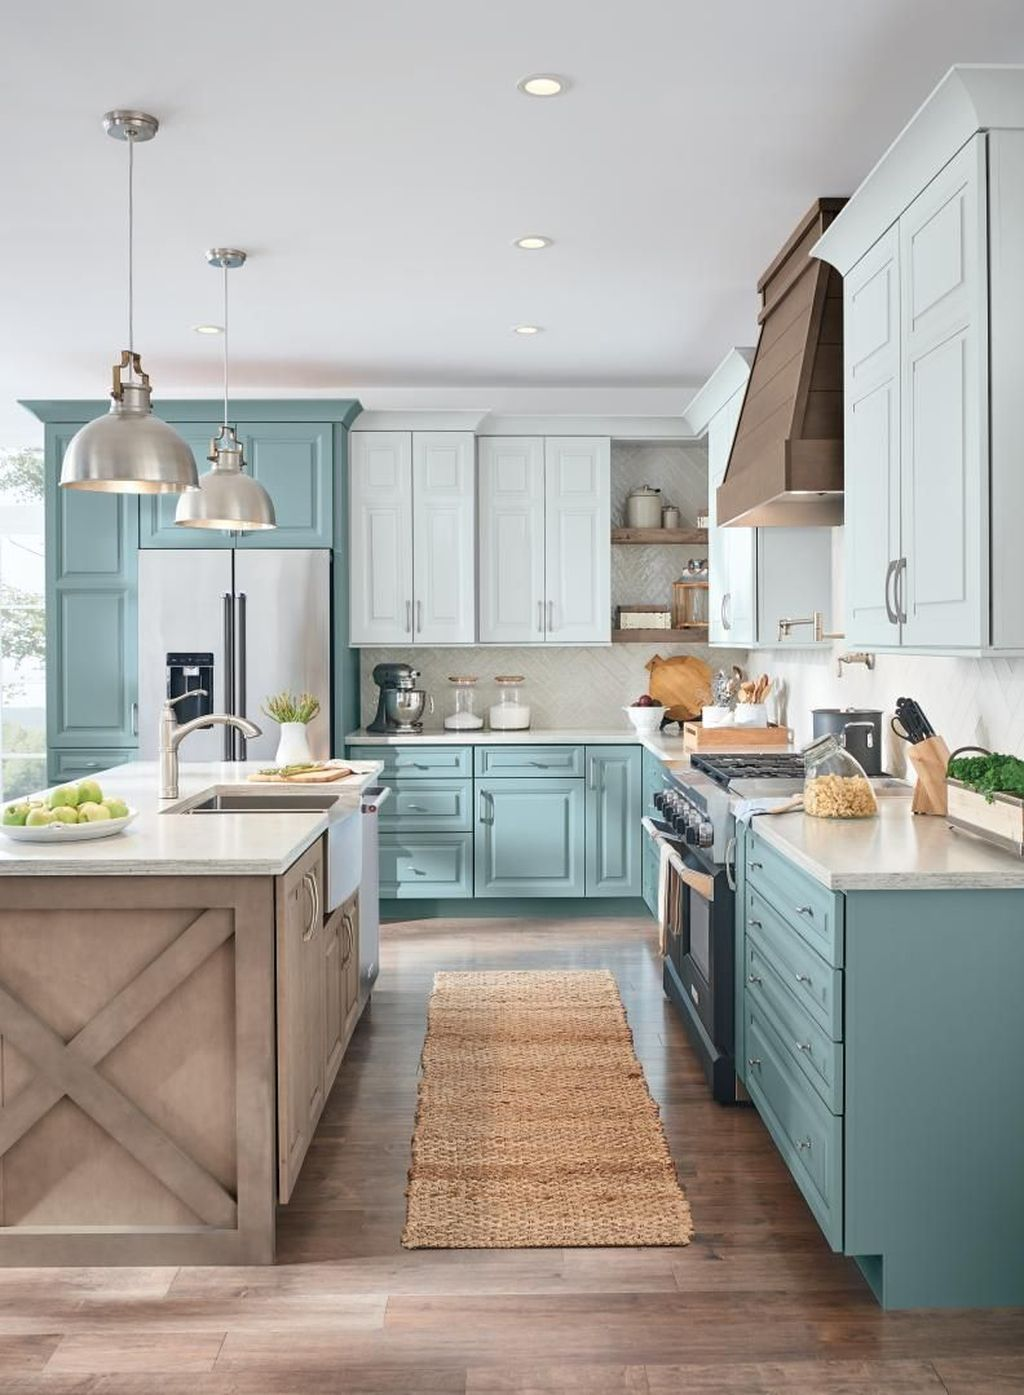 Gorgeous Farmhouse Style Kitchen Backsplash Ideas But In Navy